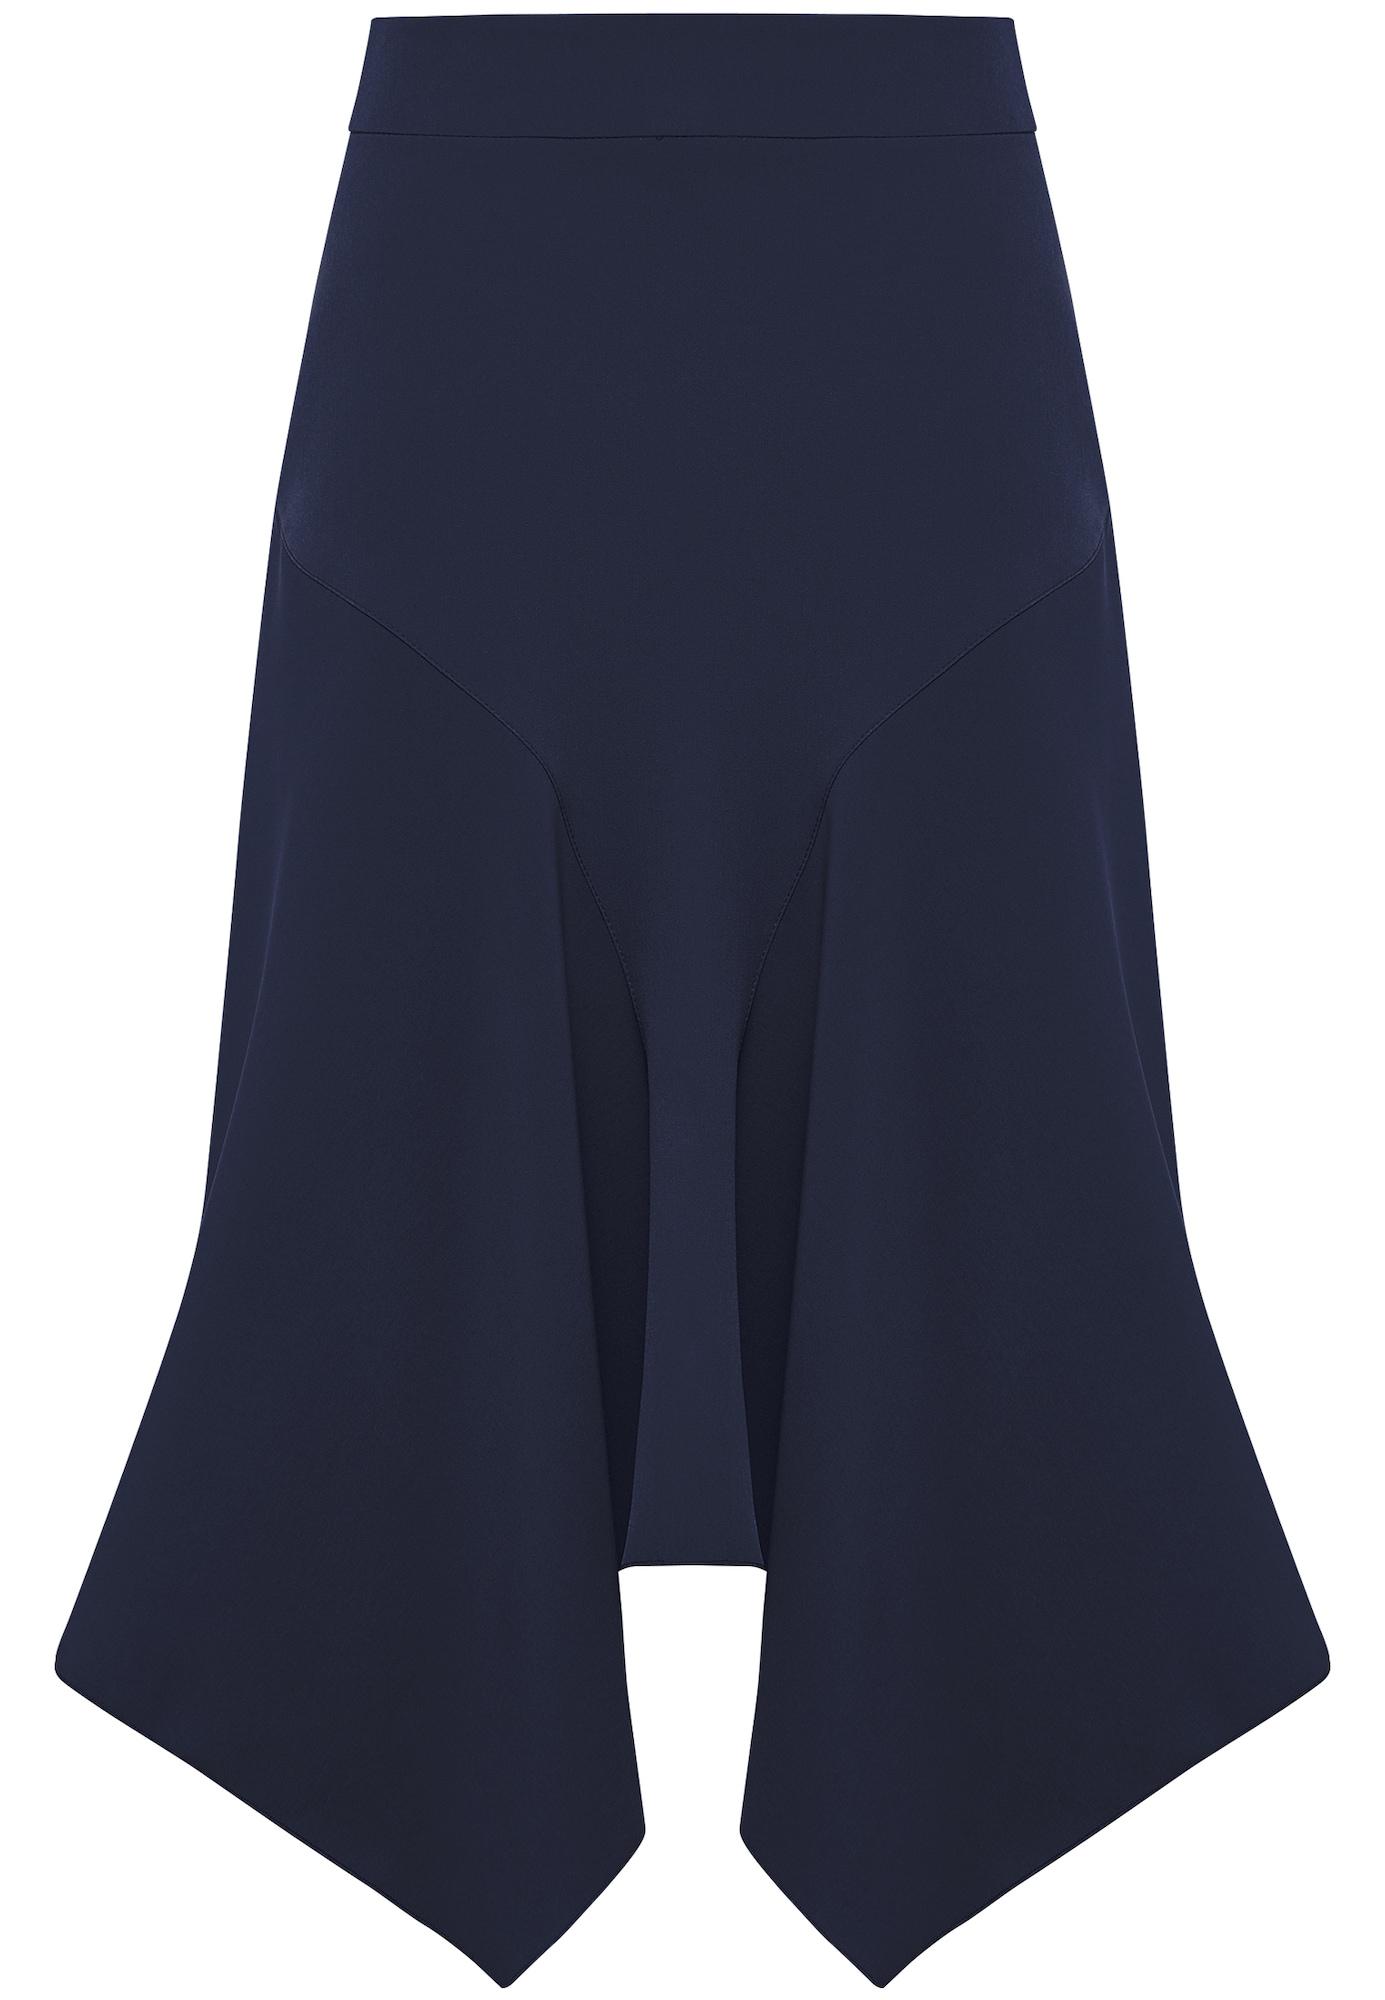 Faltenrock | Bekleidung > Röcke > Faltenröcke | Usha